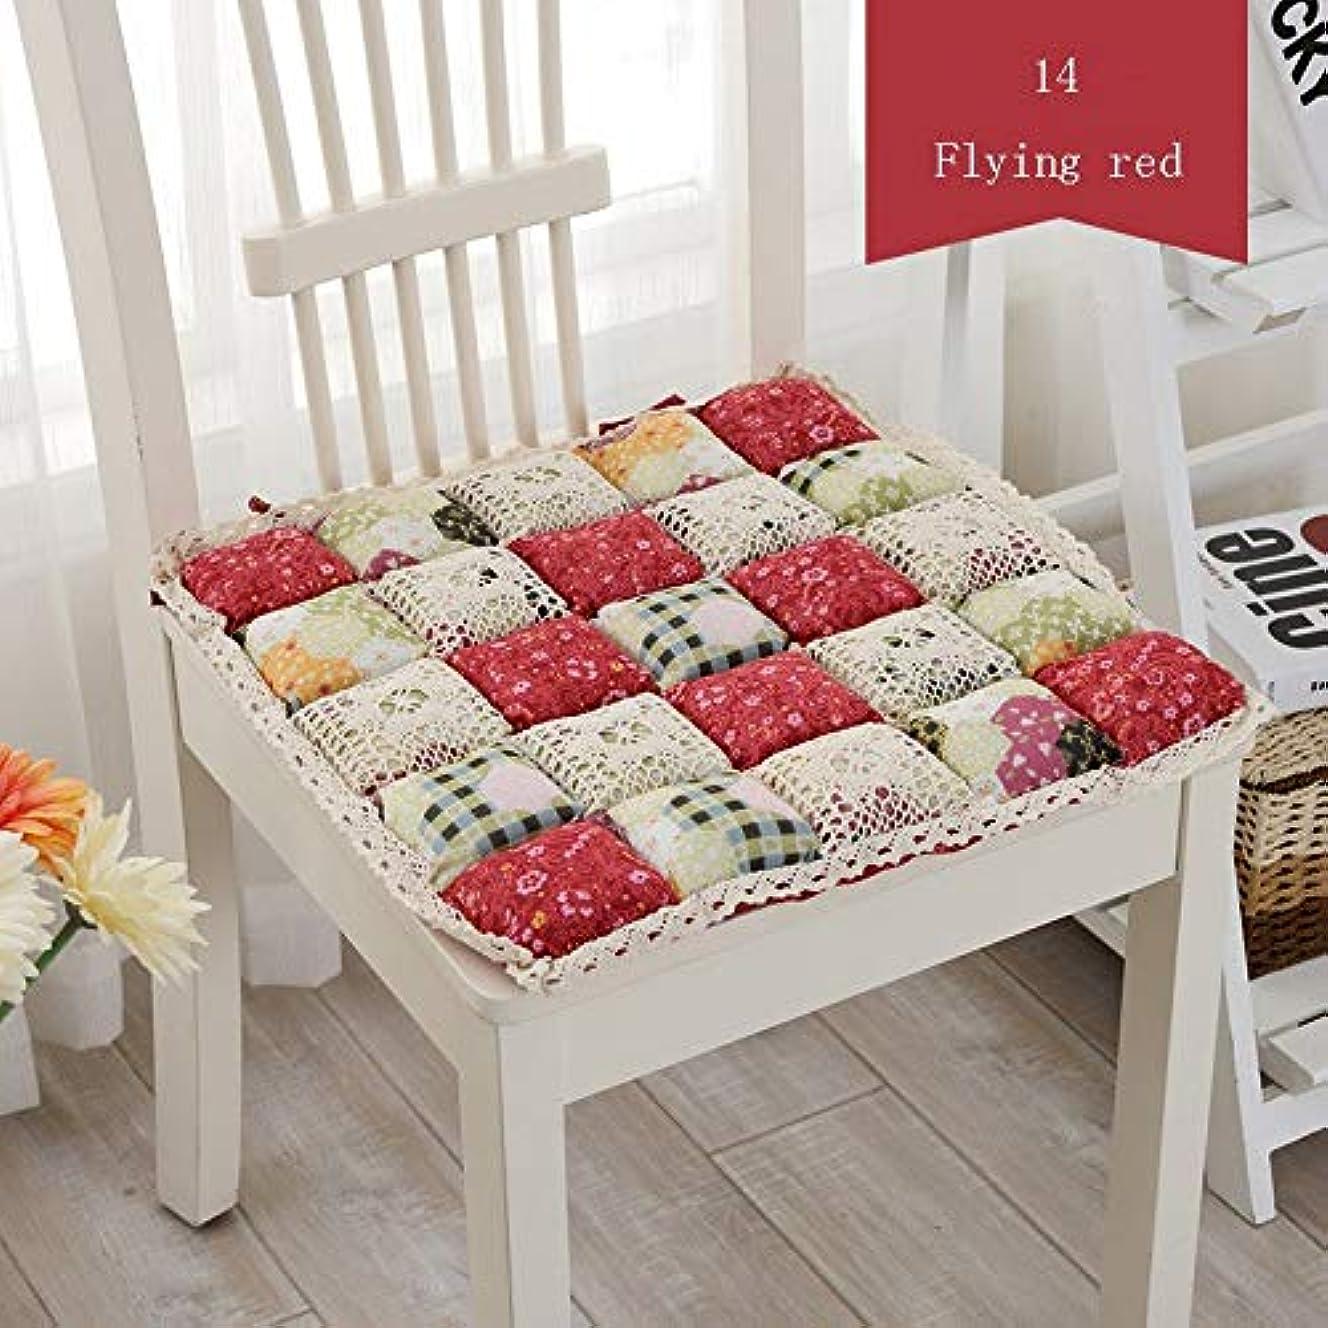 ペダル遺伝的バウンドLIFE 1 個抗褥瘡綿椅子クッション 24 色ファッションオフィス正方形クッション学生チェアクッション家の装飾厚み クッション 椅子